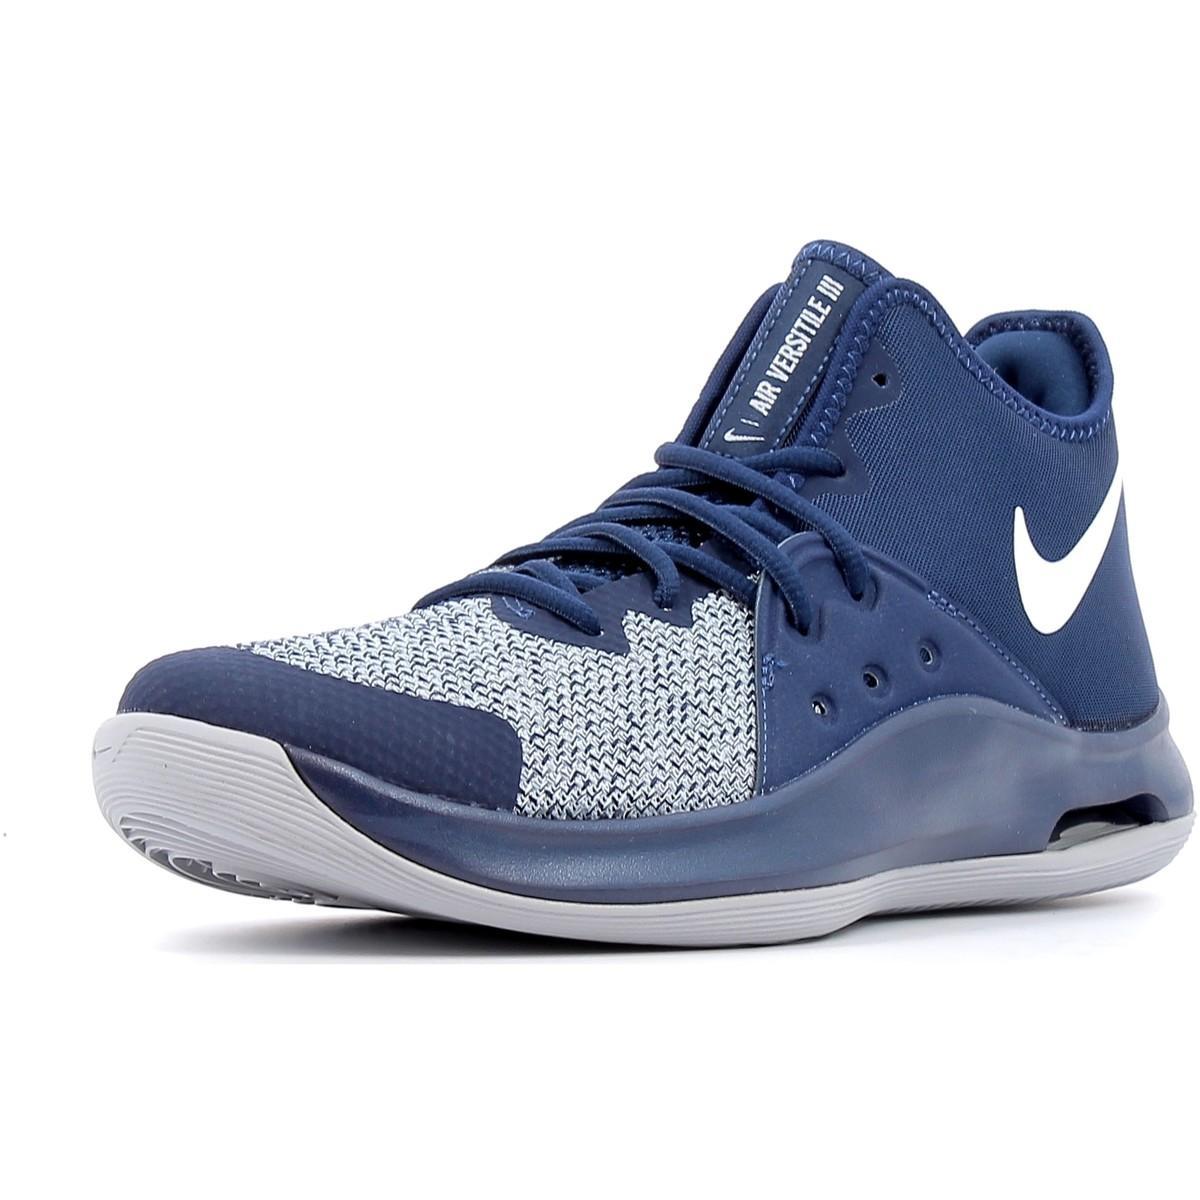 Nike Air Versitile III, Sneakers Basses Mixte Adulte